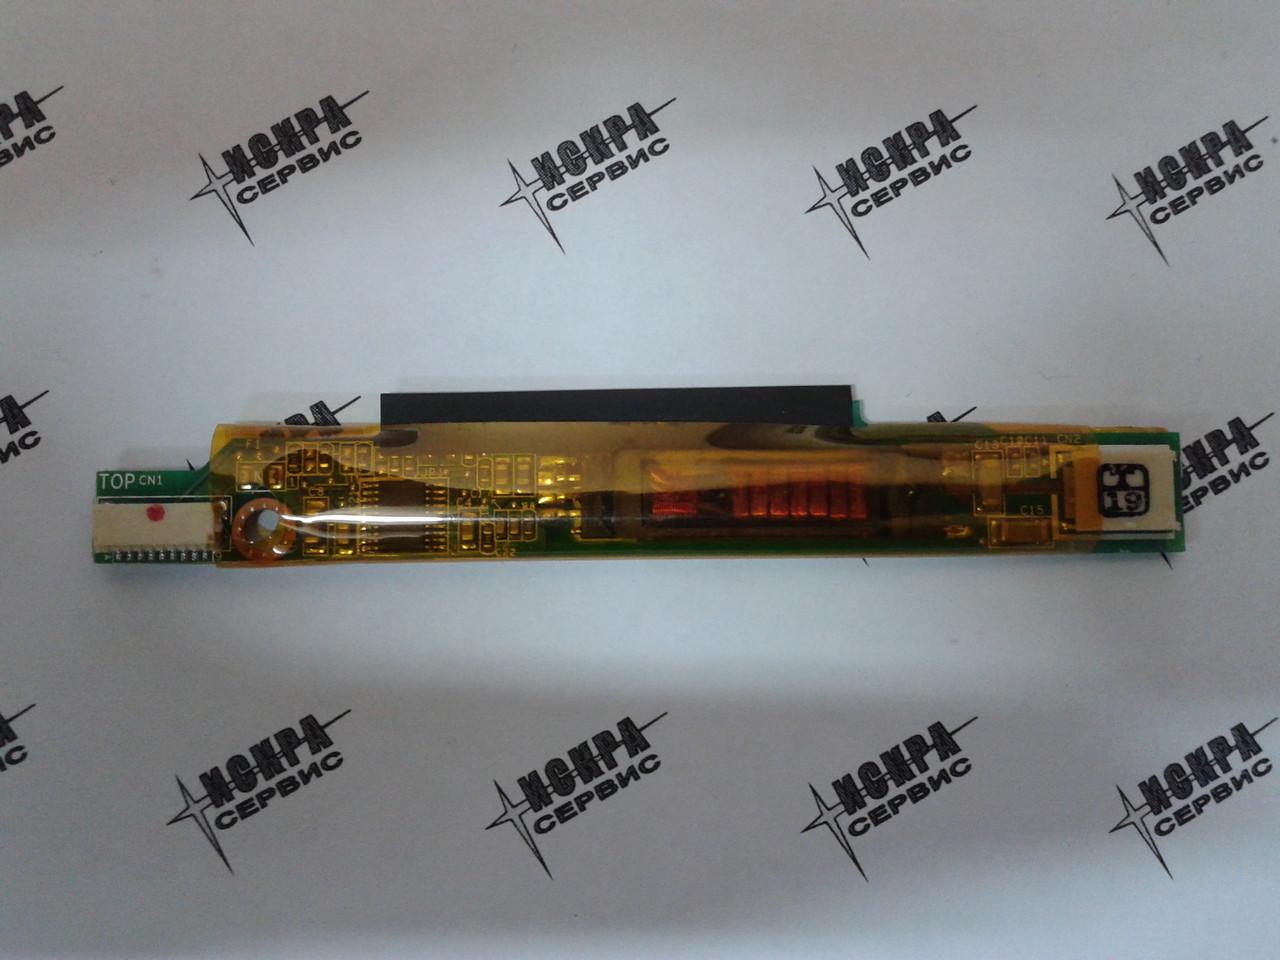 Инвертор ns167a0173 - NHTIN1000-A01 подсветки матрицы ноутбука ASUS W7S